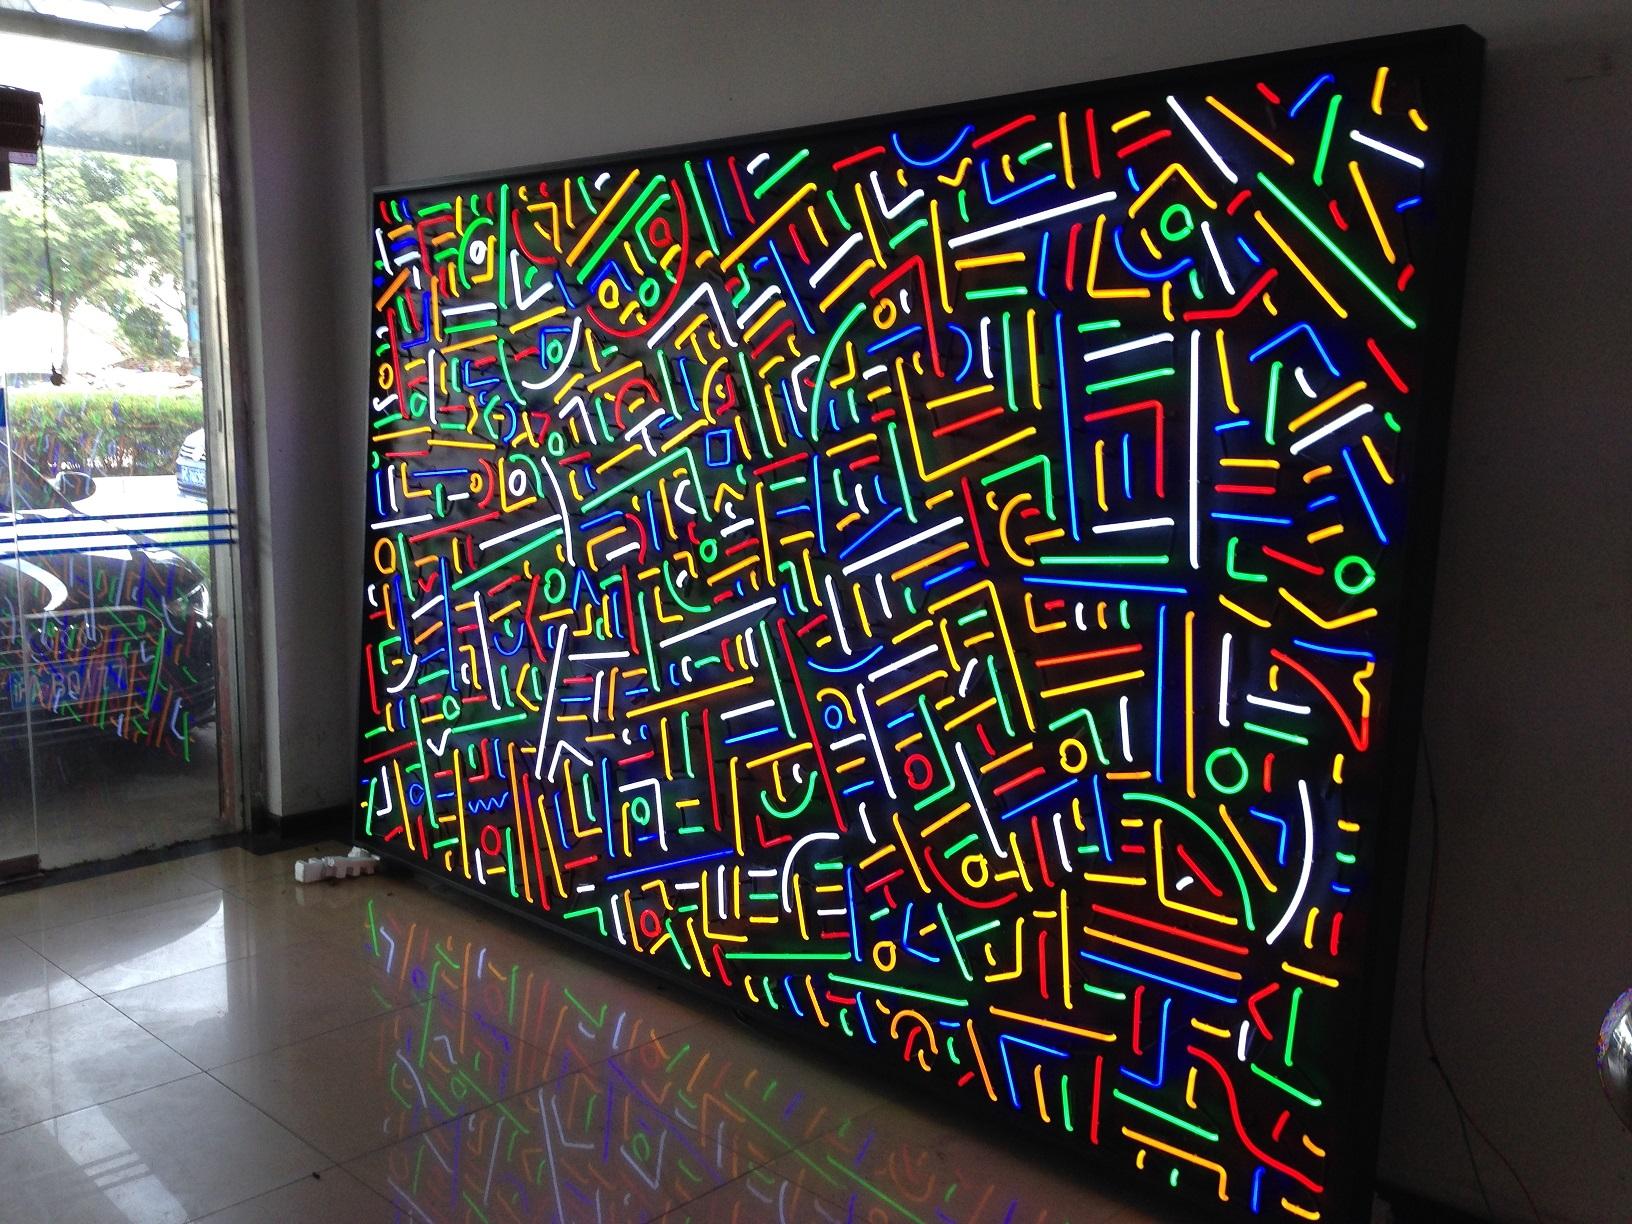 浙江老式霓虹燈「上海耀海霓虹燈供應」